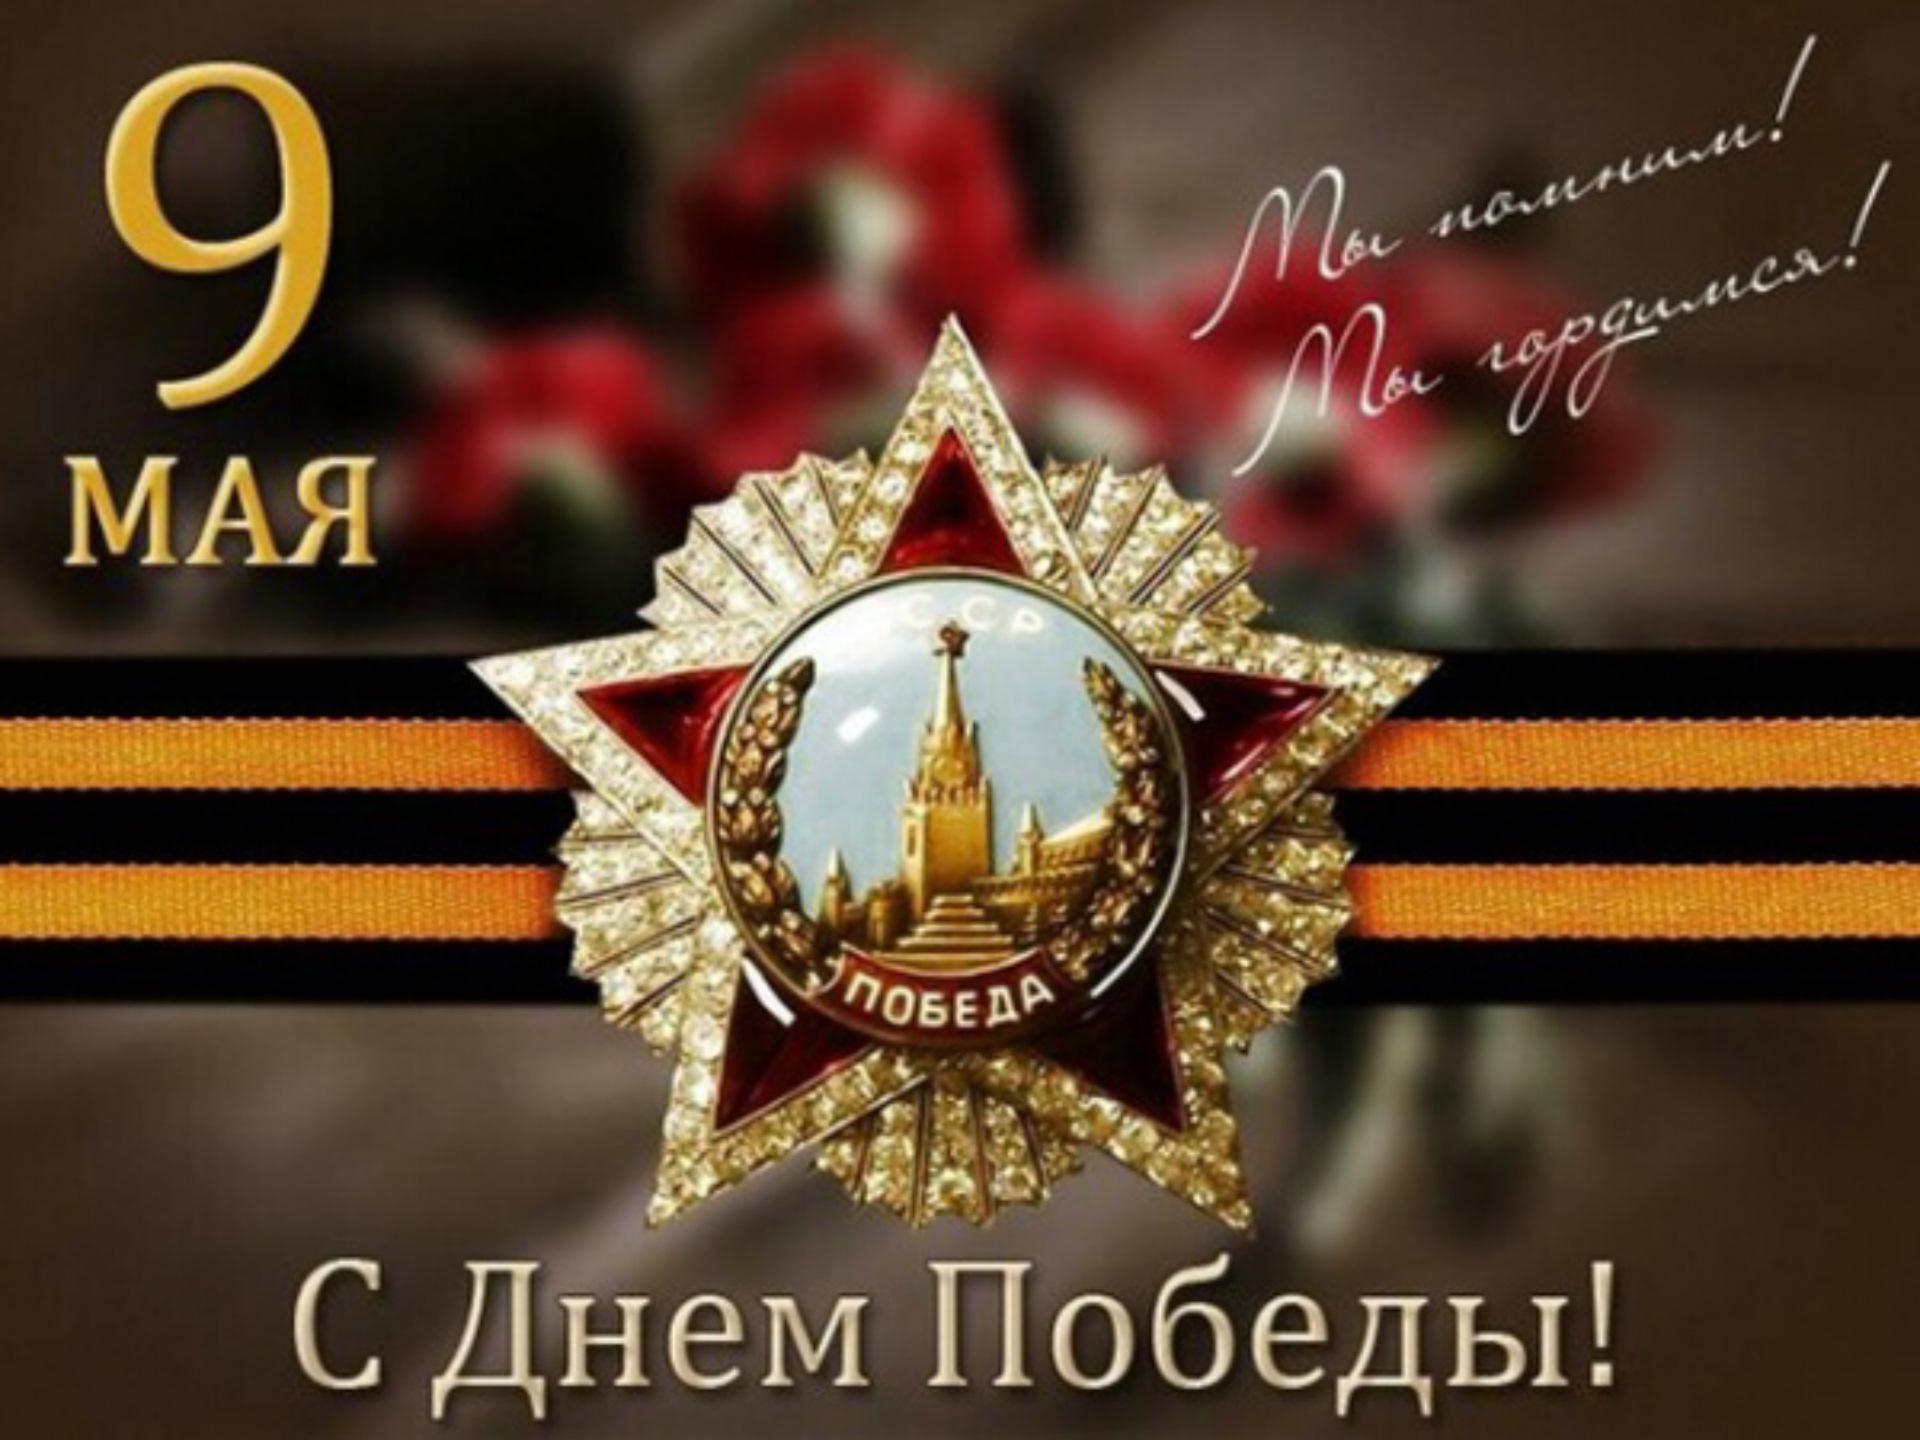 Хорошее поздравление с праздником победы друзьям